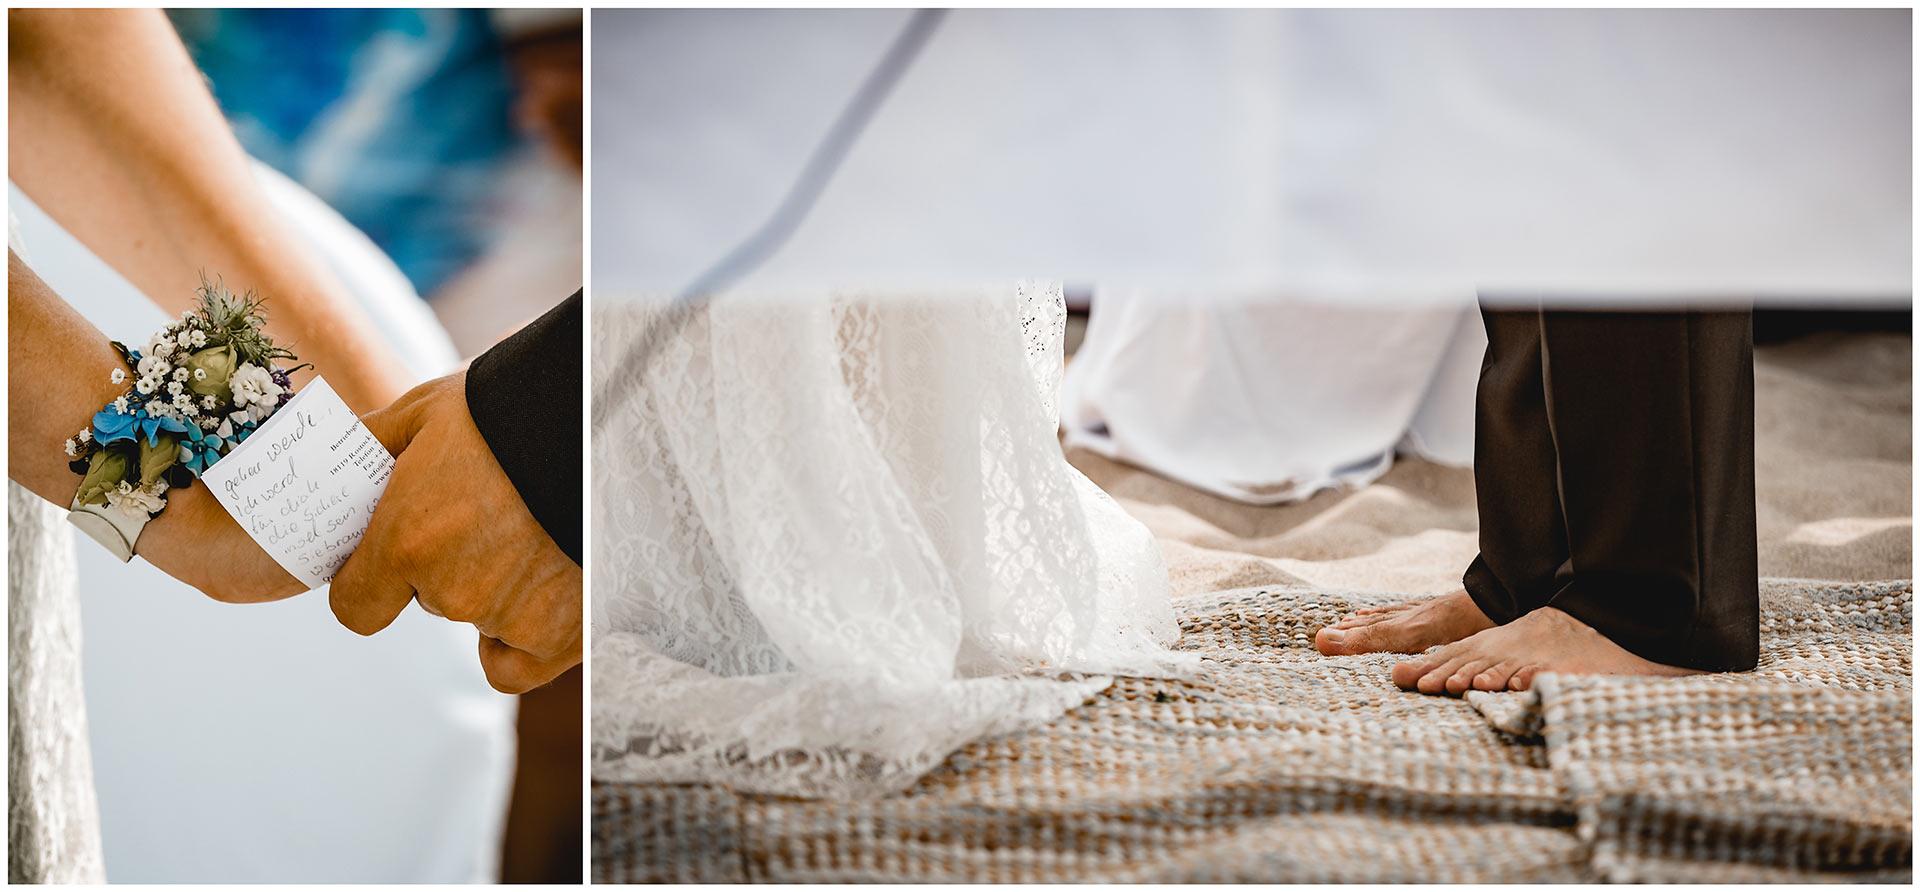 Foto-1_Haende-des-Brautpaaren-mit-Eheversprechen-auf-Zettel-geschrieben_Foto 2_Fuesse-des-Brautpaaren-ohne-Schuhe-Hochzeit-am-Strand-Hochzeitsfotograf-Warnemuende-Hochzeitsfotograf-Rostock-Hochzeitsfotograf-Ostseebad-Warnemuende